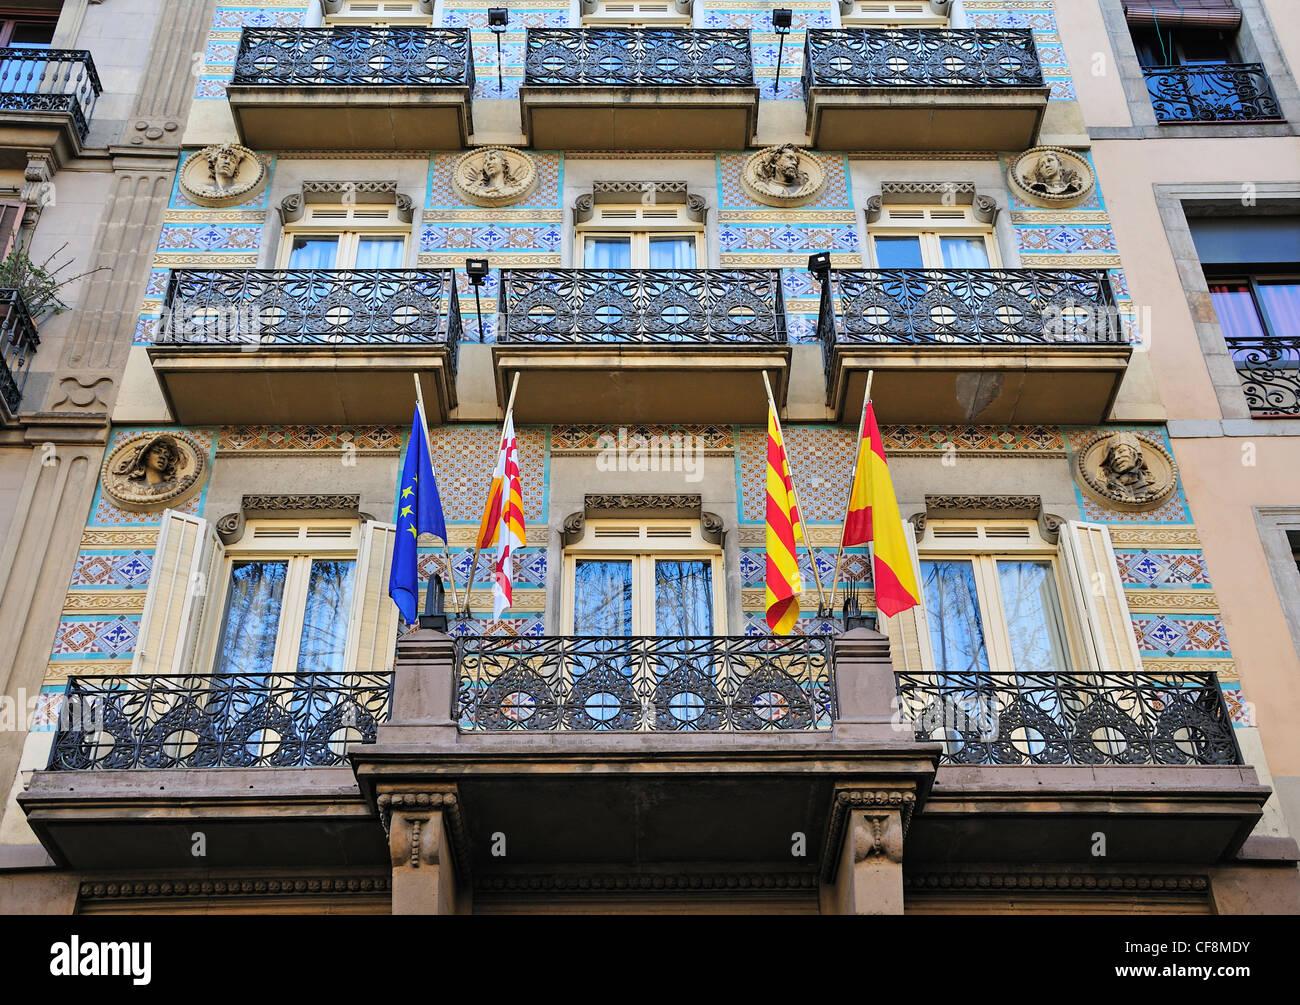 Barcelona, Spanien. La Rambla. Hotel Ramblas - Fassade Stockbild